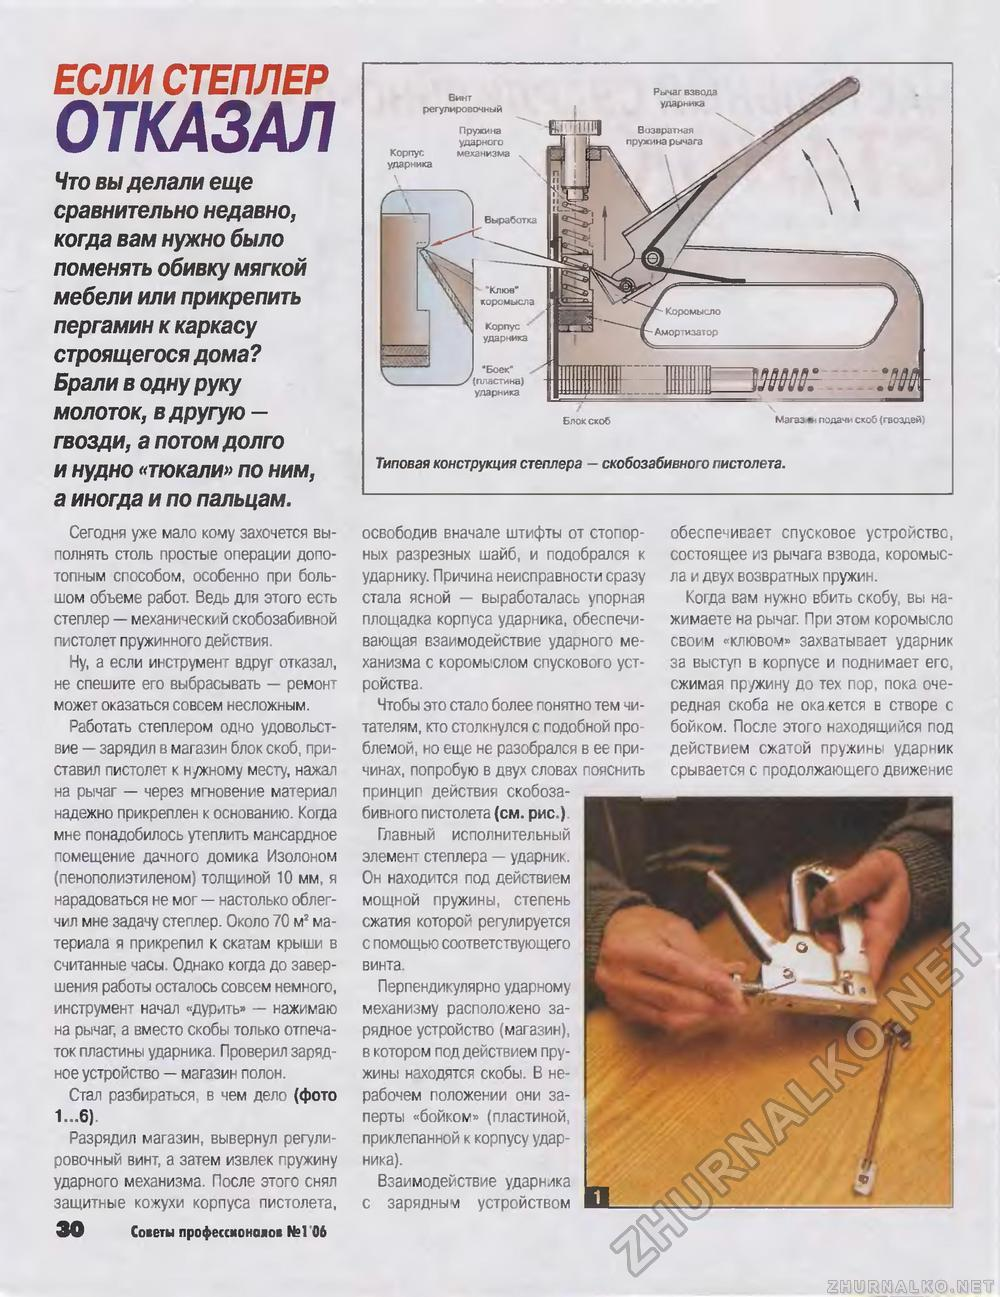 Как починить степлер - m 405